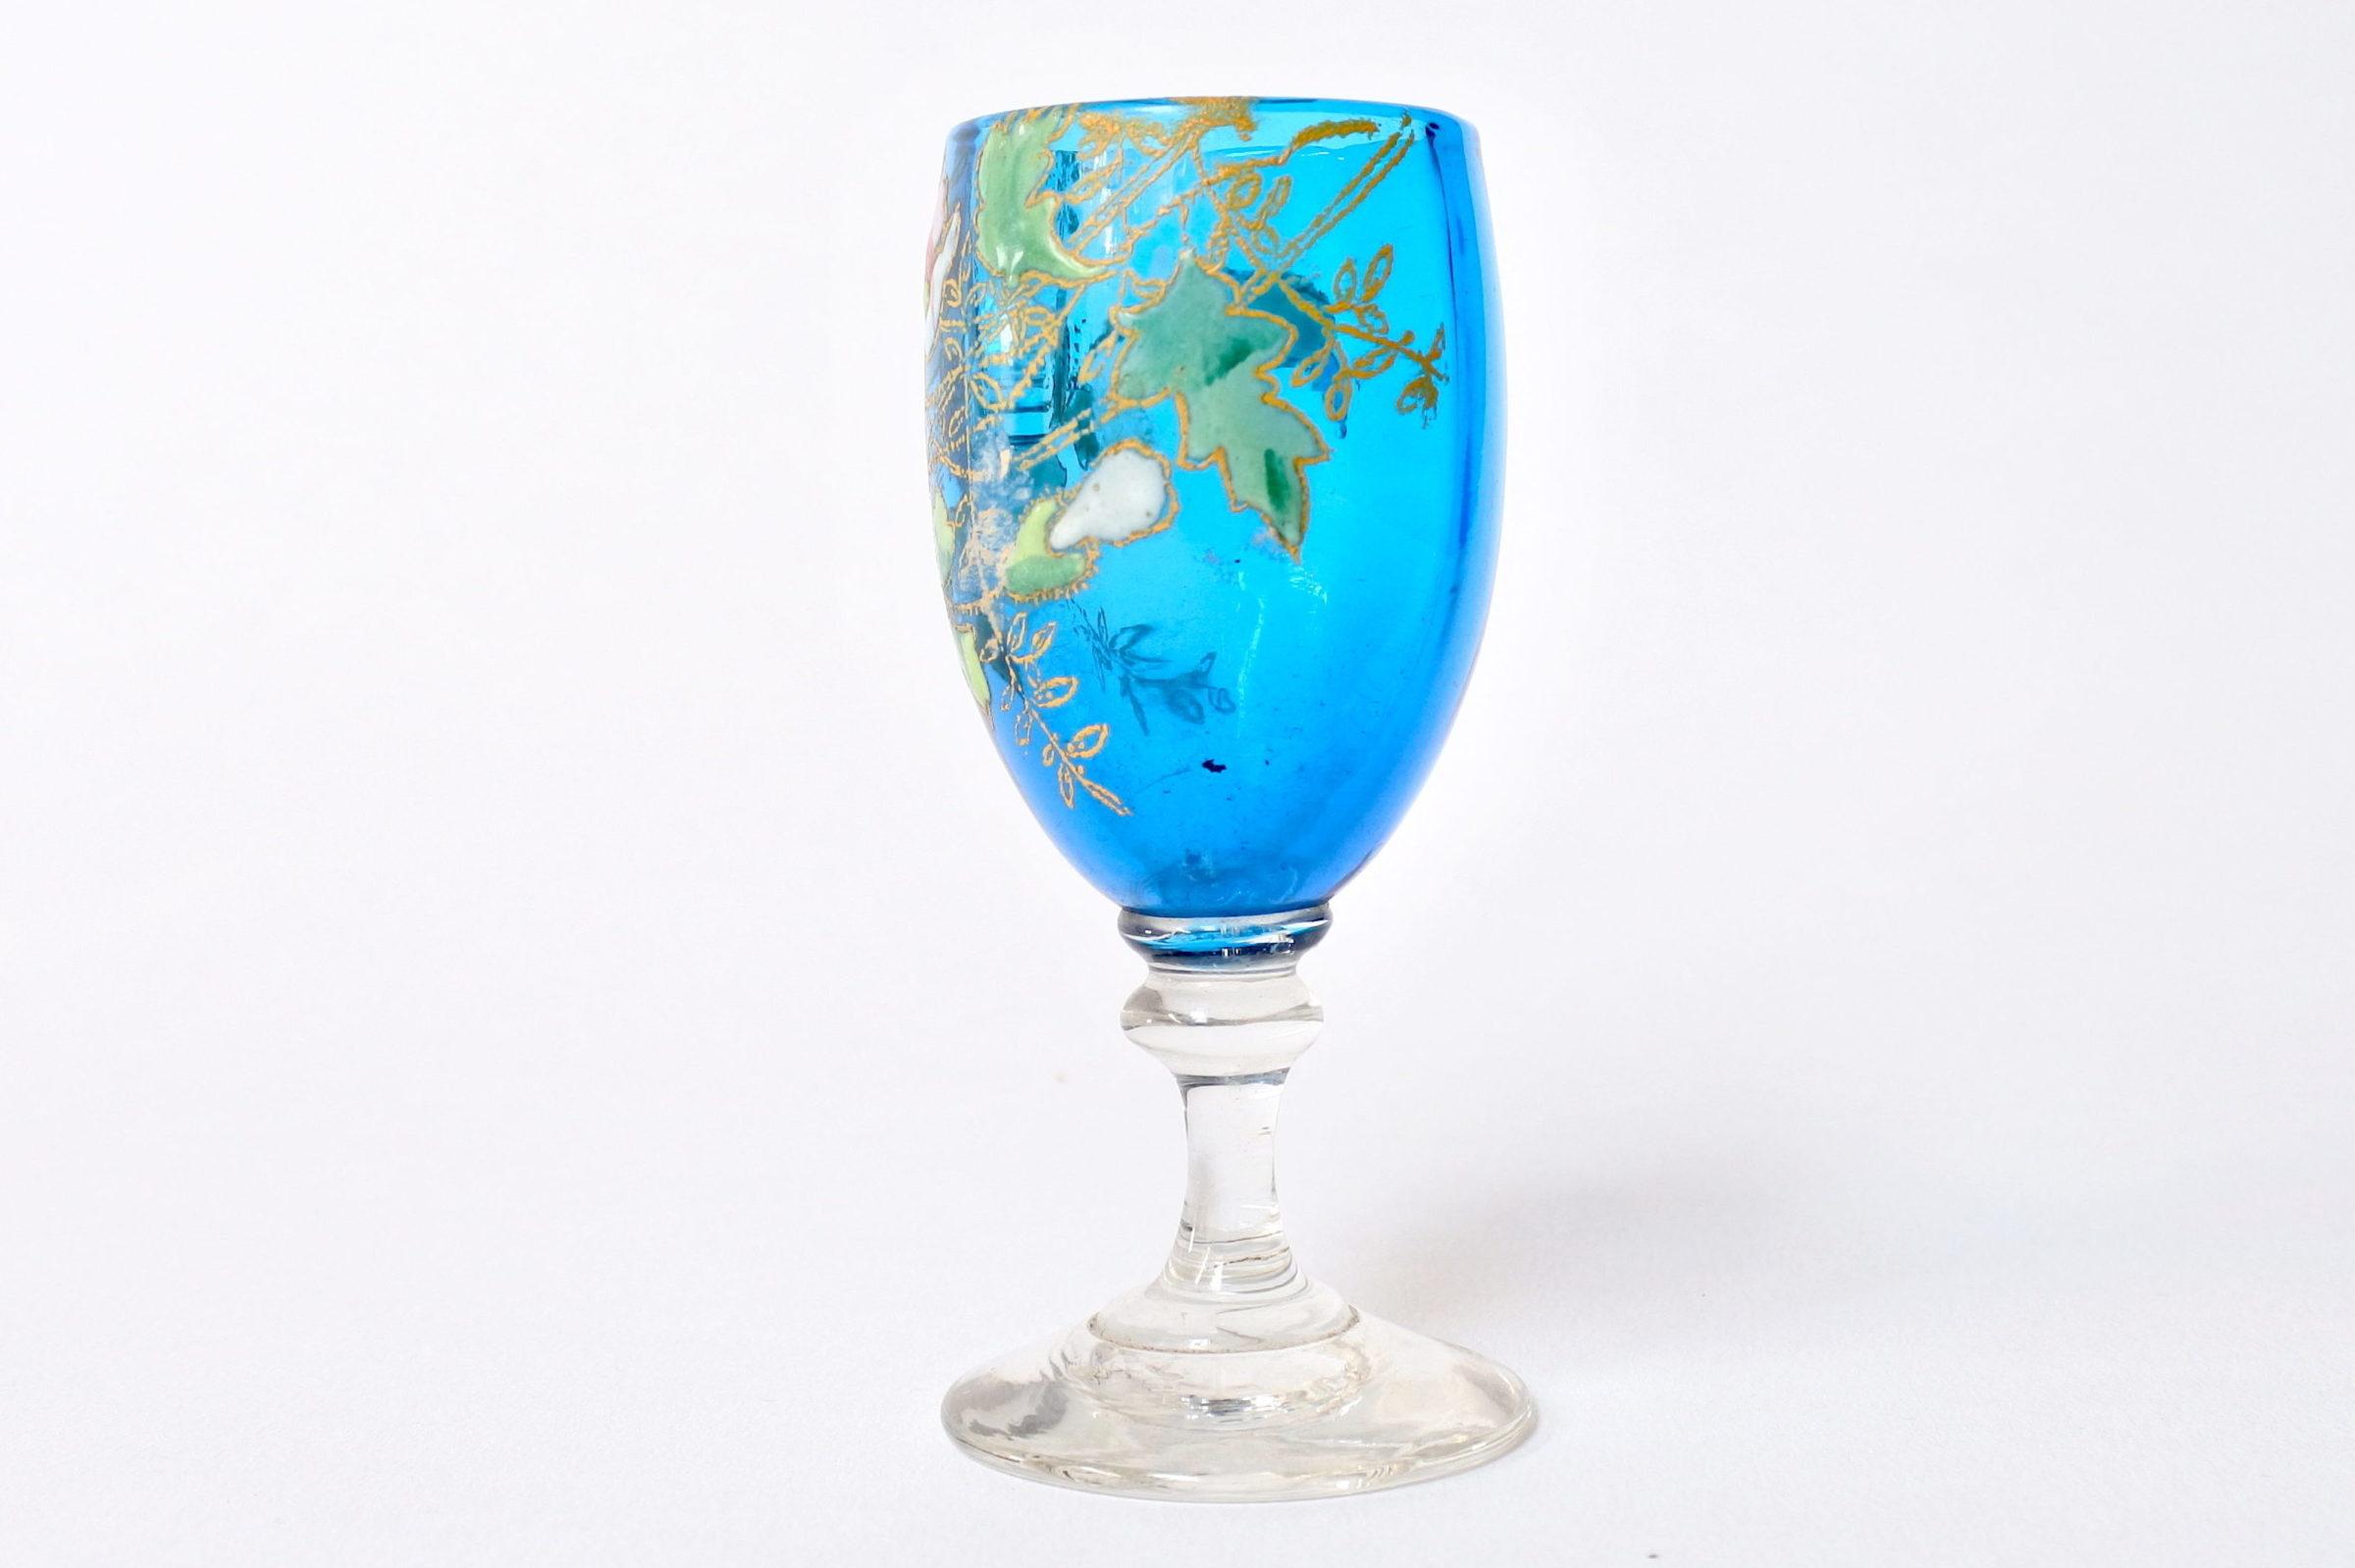 6 bicchierini Legras a calice in vetro soffiato con rami di fiori smaltati - 6